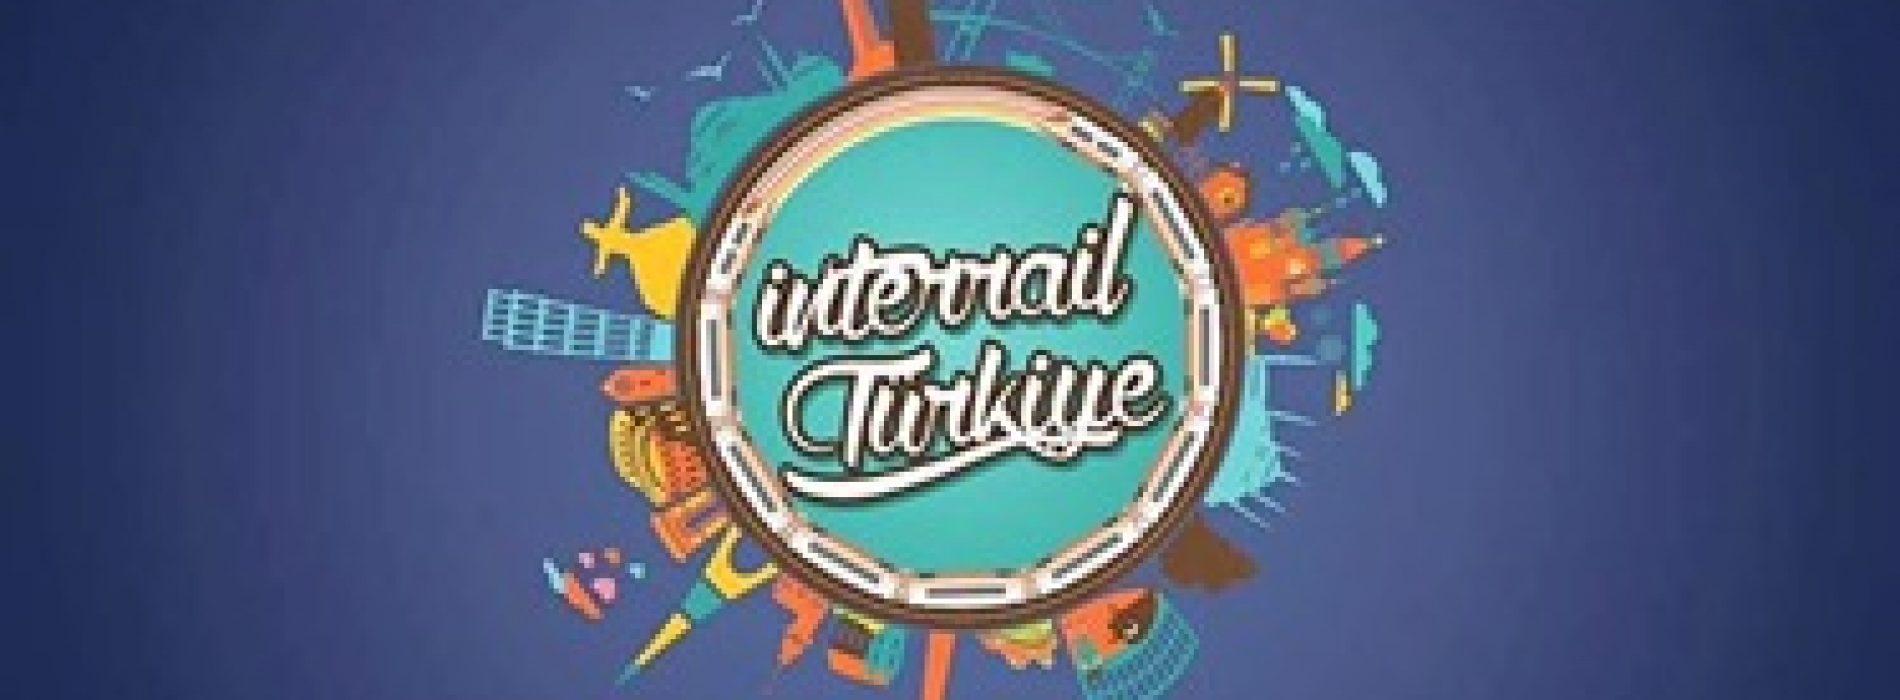 Interrail ve Seyahat Etmek Üzerine | Röportaj